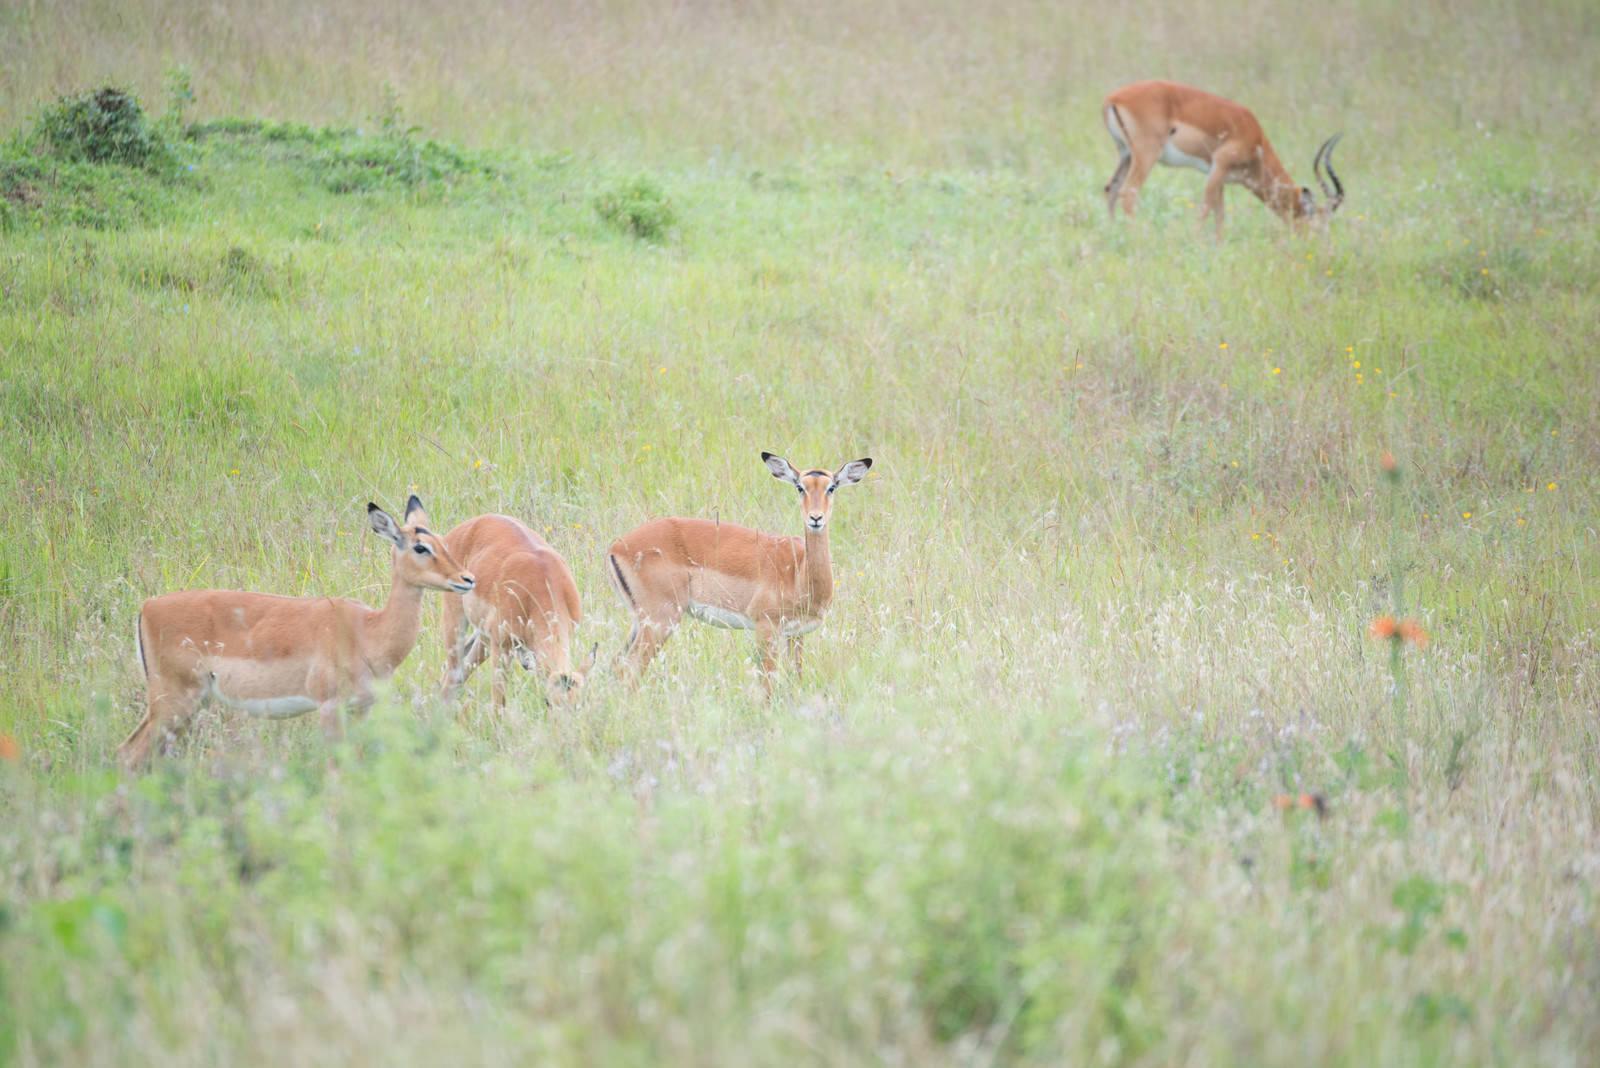 「周囲を警戒する野生のインパラの群れ」の写真